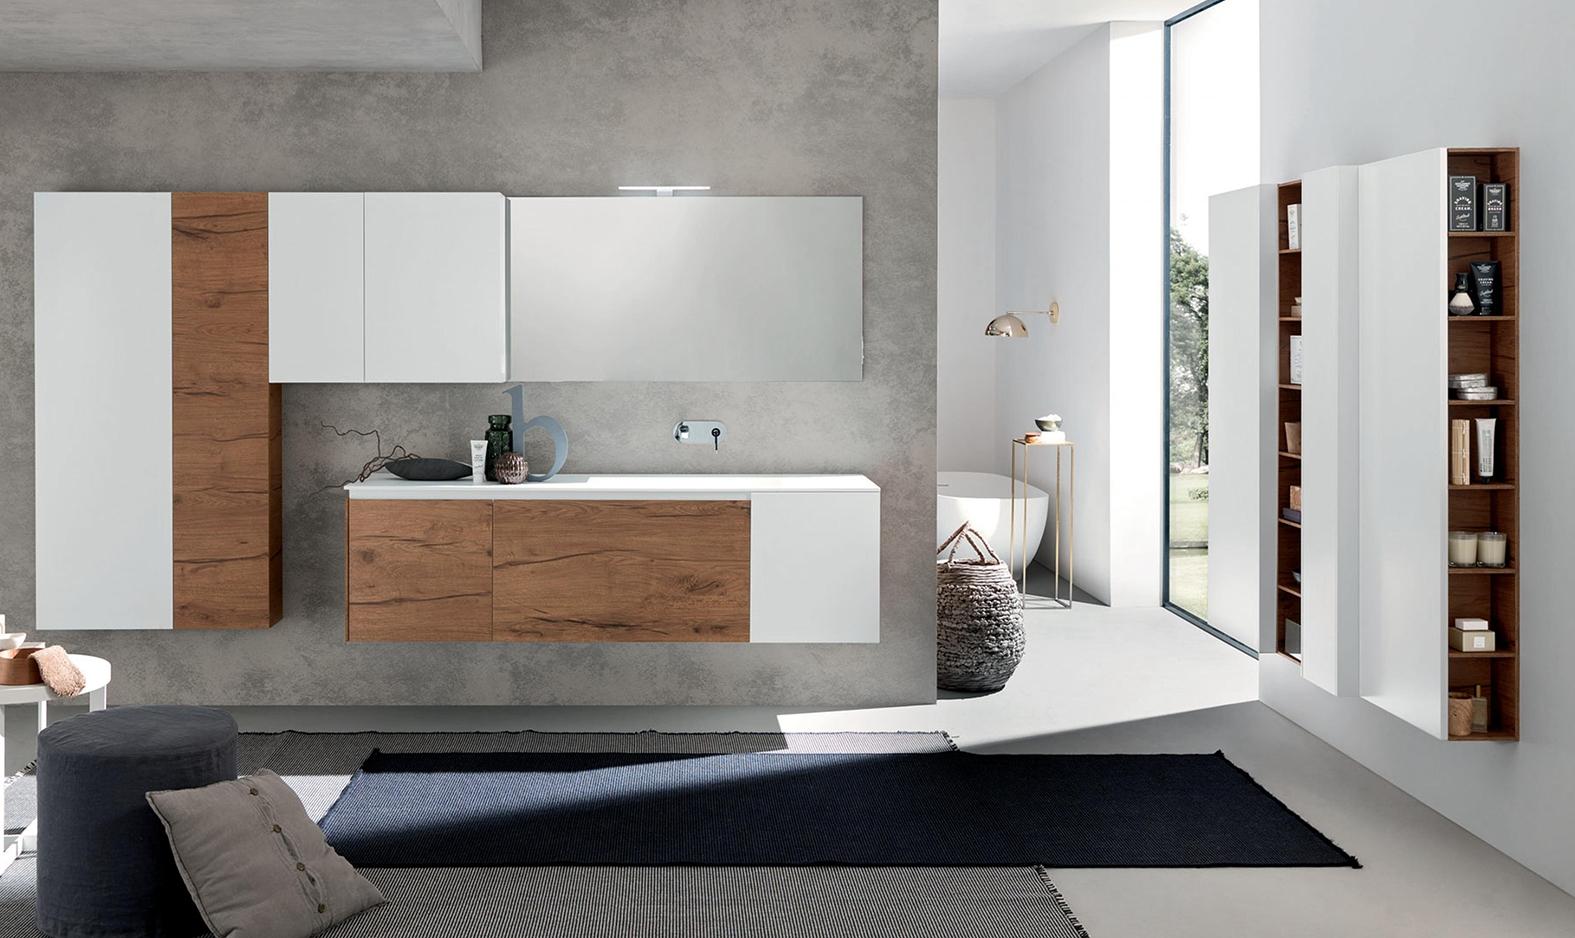 Arredo bagno con mobile sospeso in finitura legno e for Arredo bagno bianco